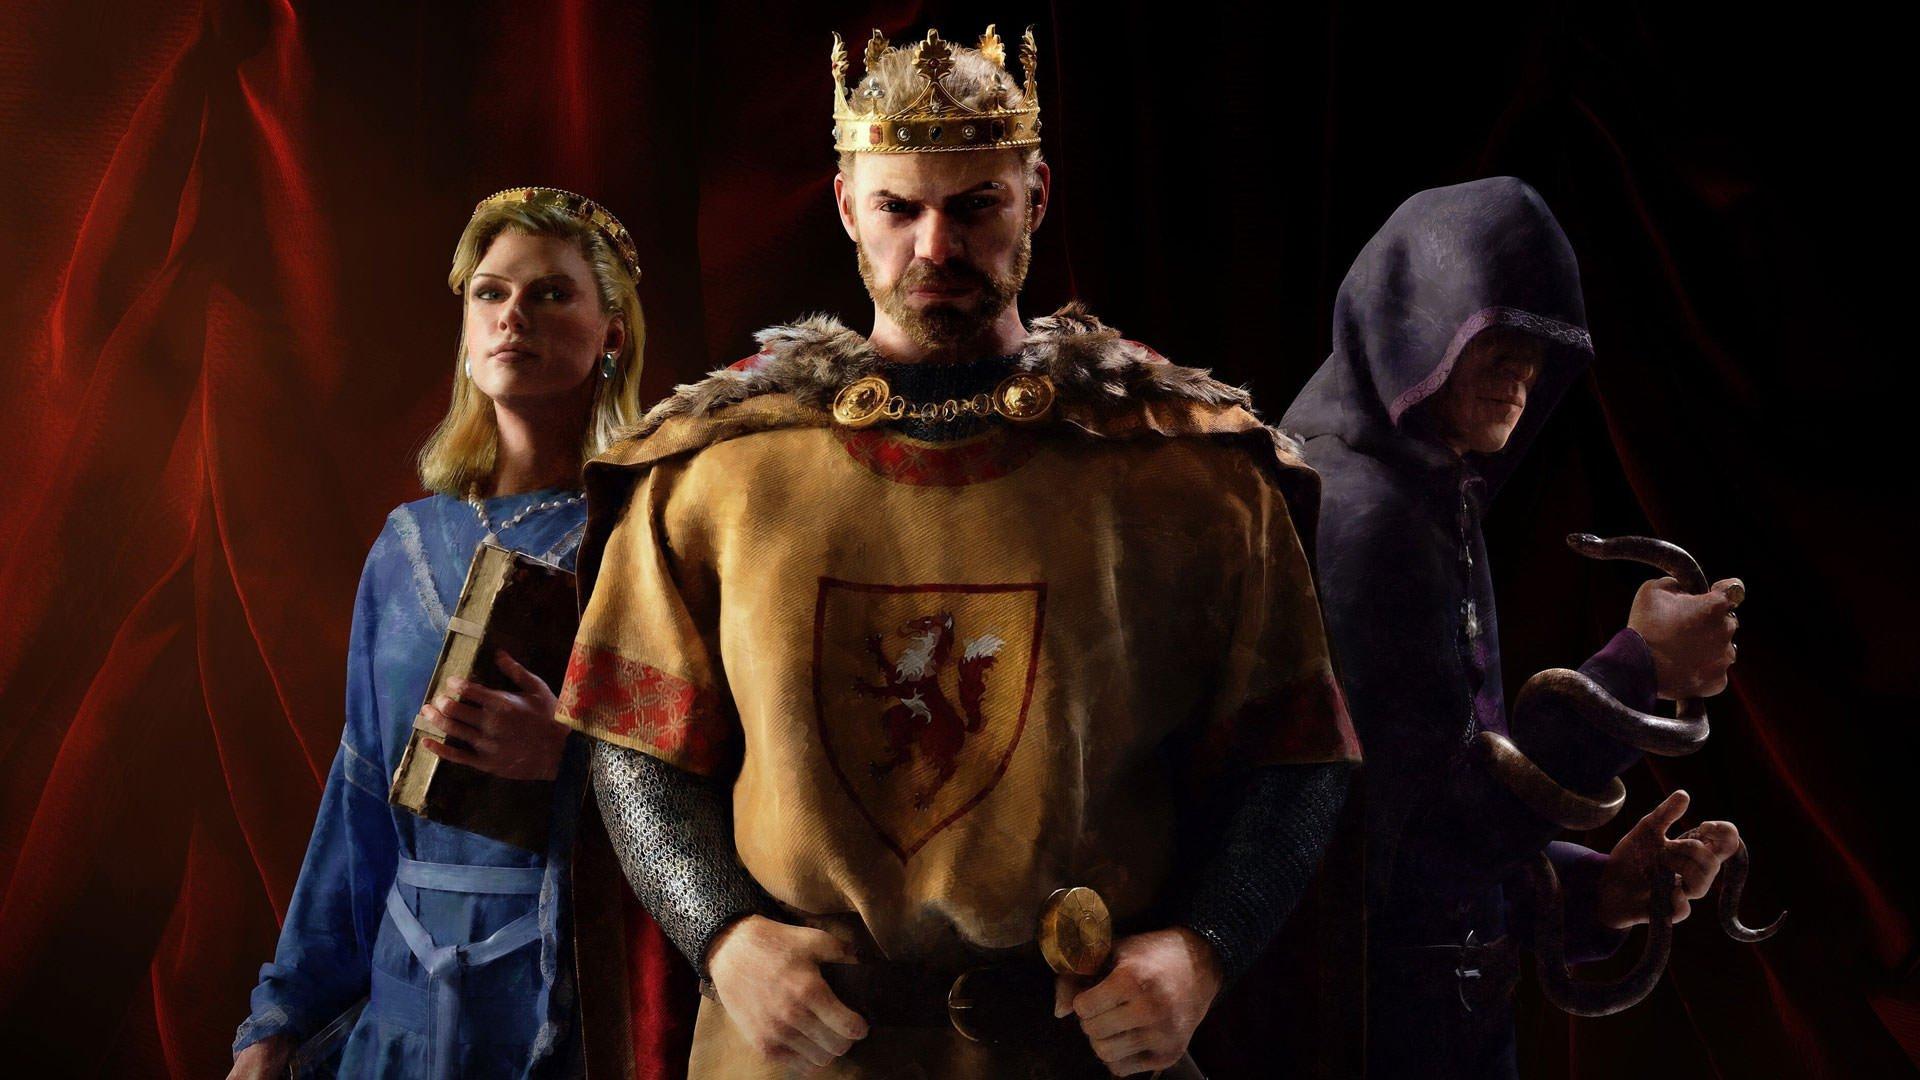 آپدیت جدید Crusader Kings 3 با تغییرات گسترده در بخش ساخت شخصیت منتشر شد